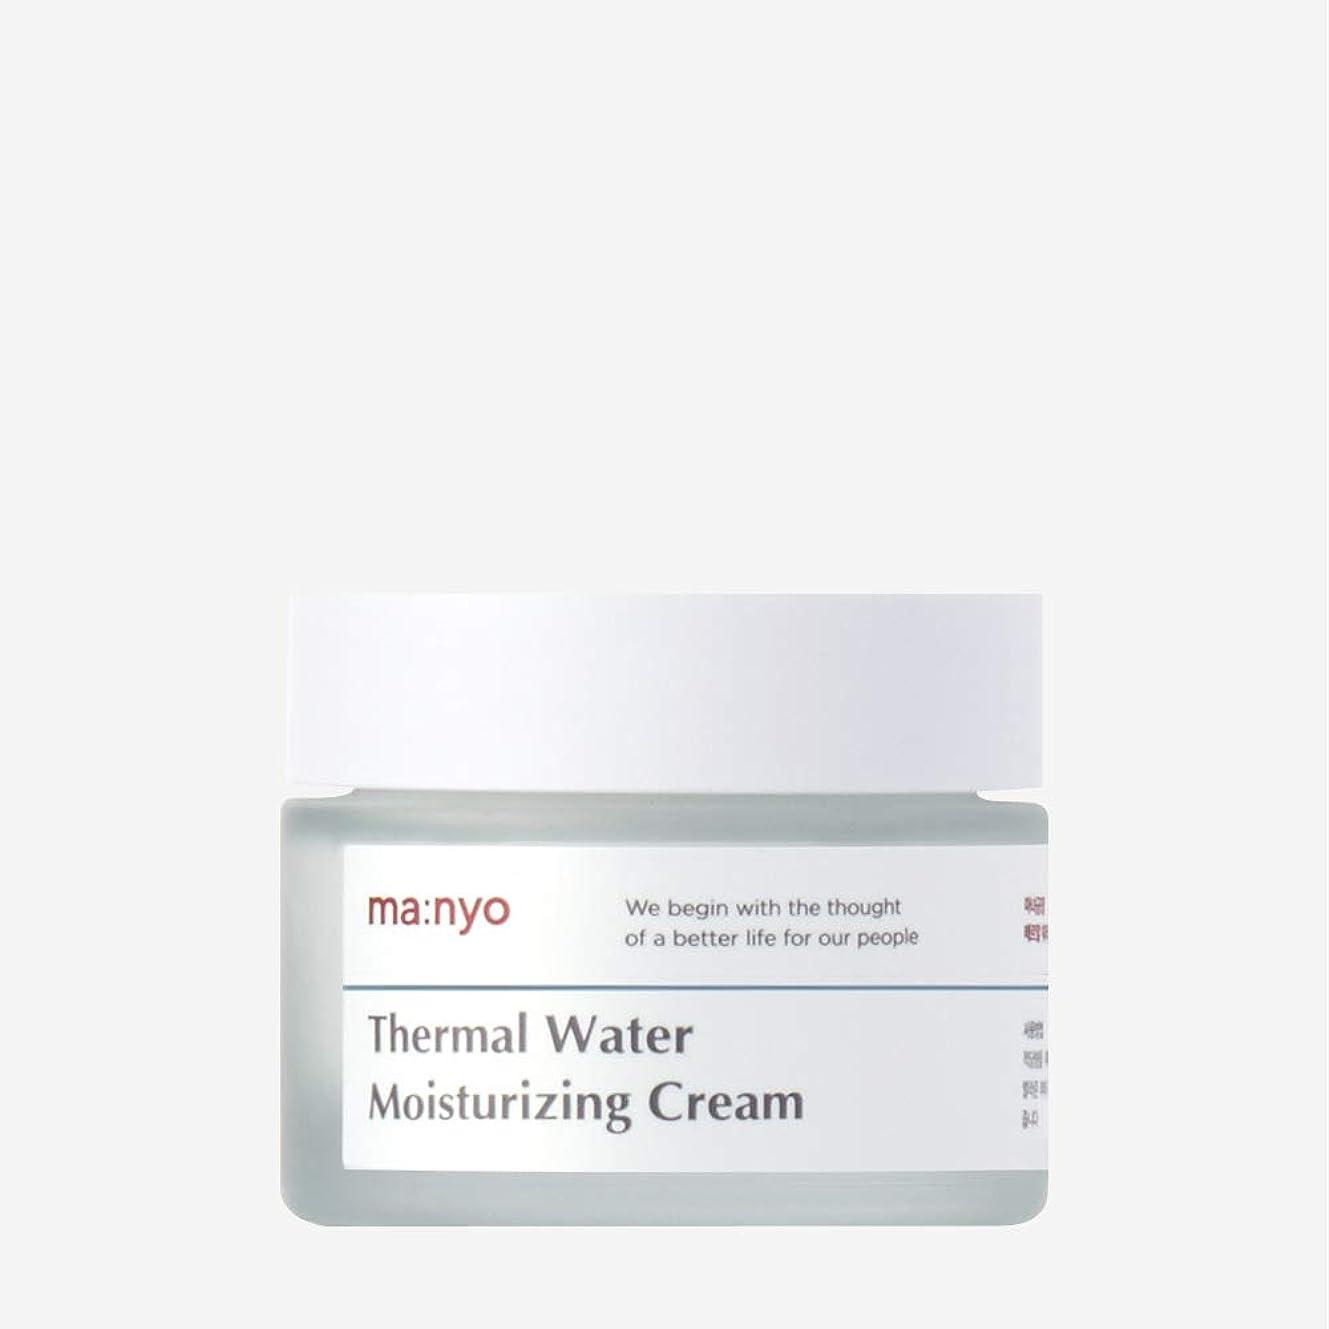 おとなしいアミューズマイクロプロセッサ魔女工場(Manyo Factory) 温泉水ミネラルクリーム 50ml / 天然ミネラル、チェコ温泉水67%で保湿補充